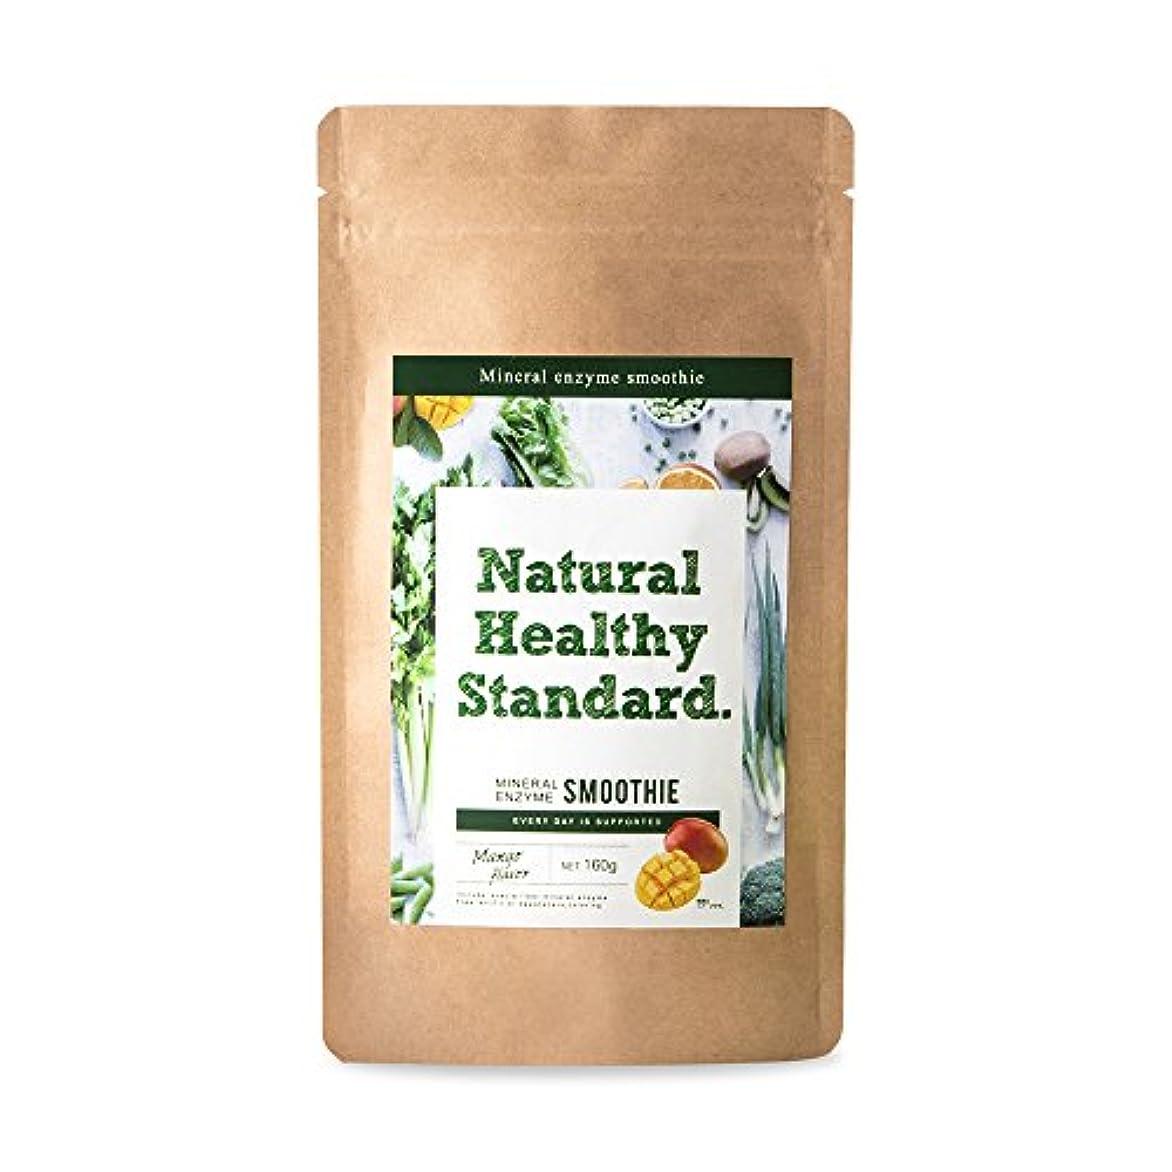 イチゴ若さ読書Natural Healthy Standard. ミネラル酵素グリーンスムージー マンゴー味 160g (2017年リニューアル品)